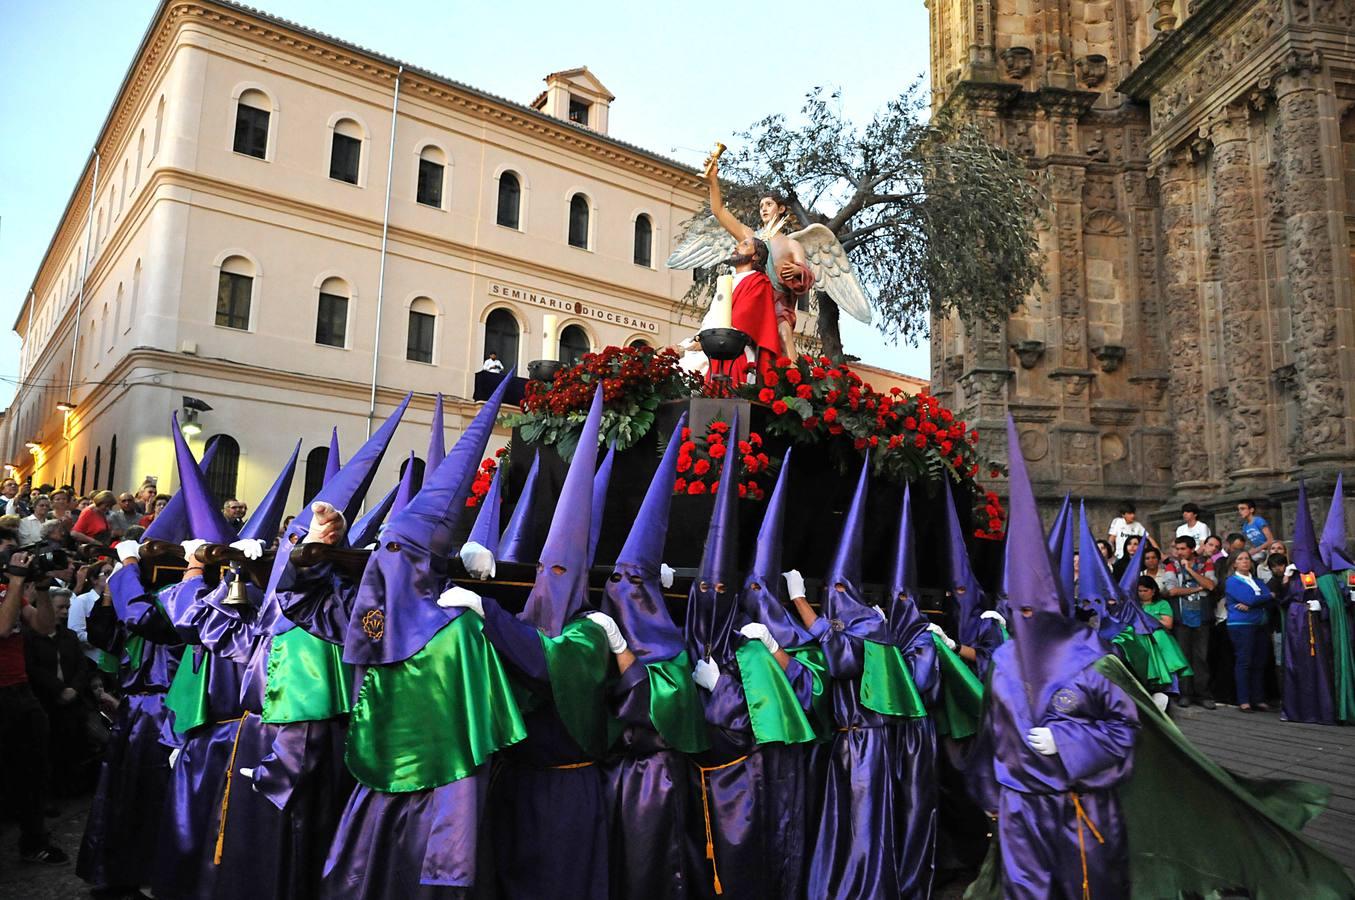 osoby w fioletowych kapturach na głowie niosą na barkach platformę z Chrystusem